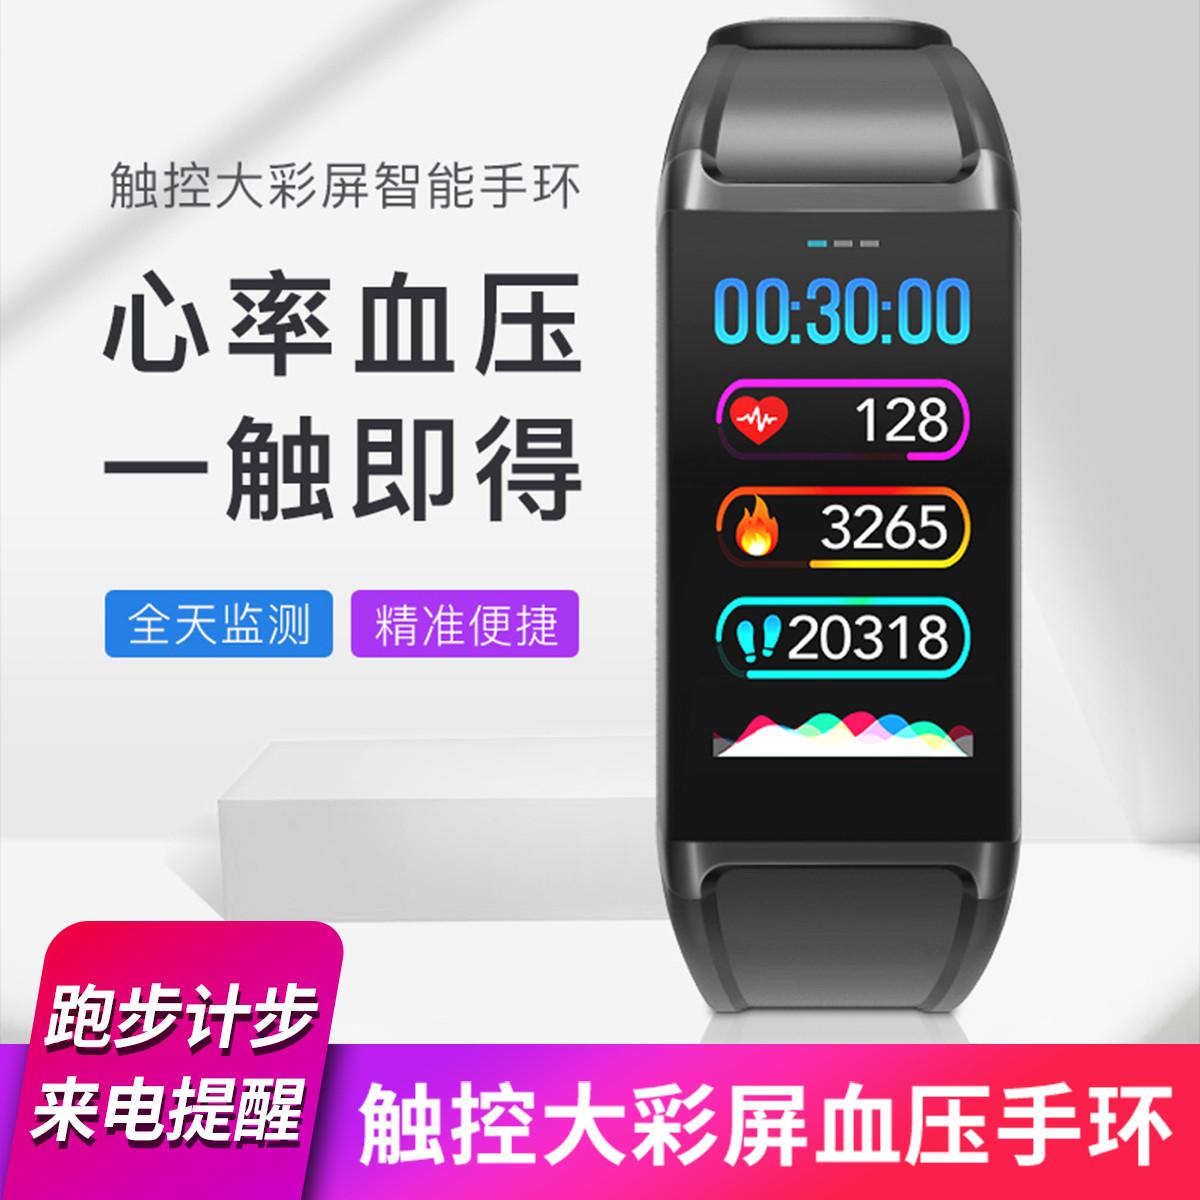 斯泰克智能手环运动心率血压手环手表触屏睡眠监测微信计步器健康检测COLOR黑色